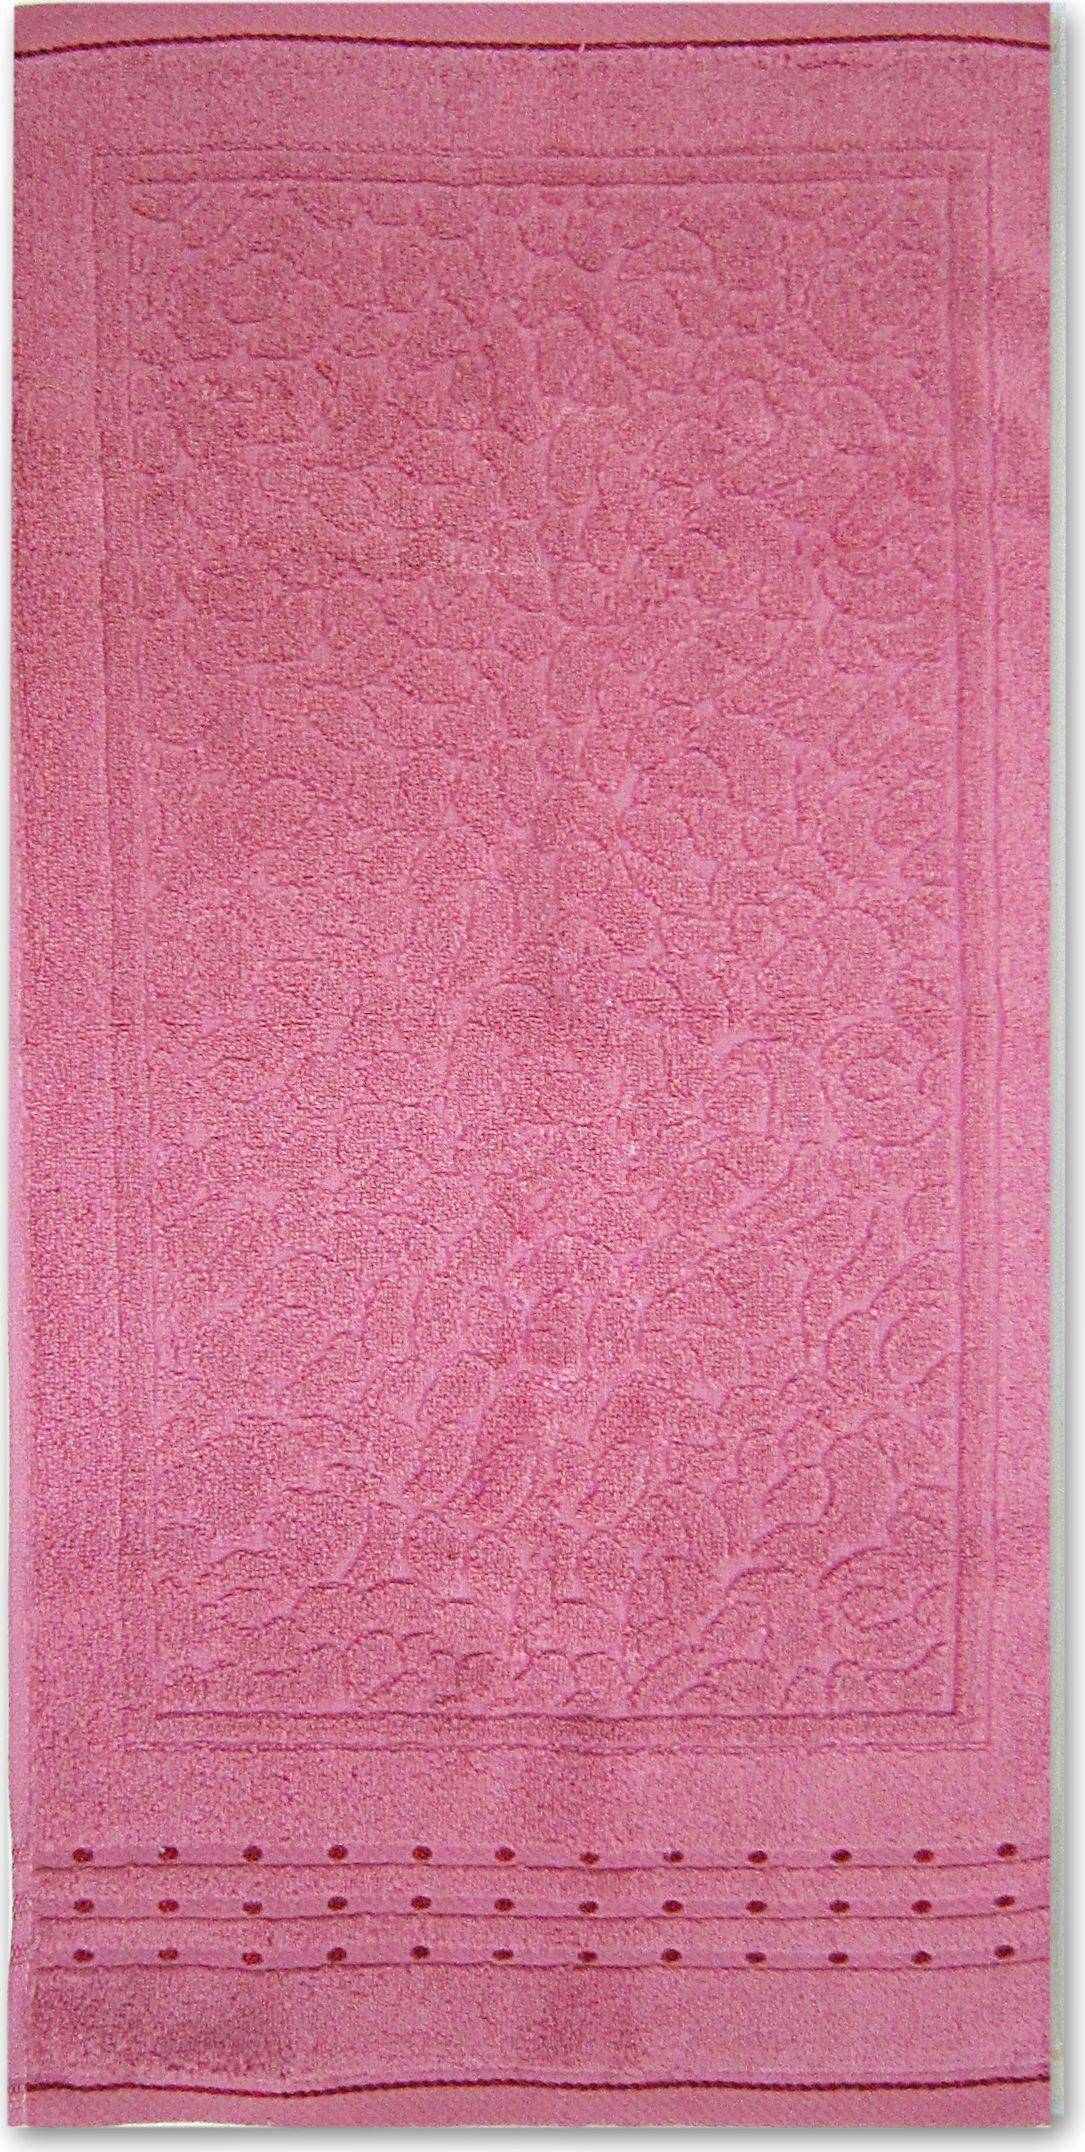 Полотенце махровое НВ Морион, цвет: персиковый, 33 х 70 см. м0742_1285553